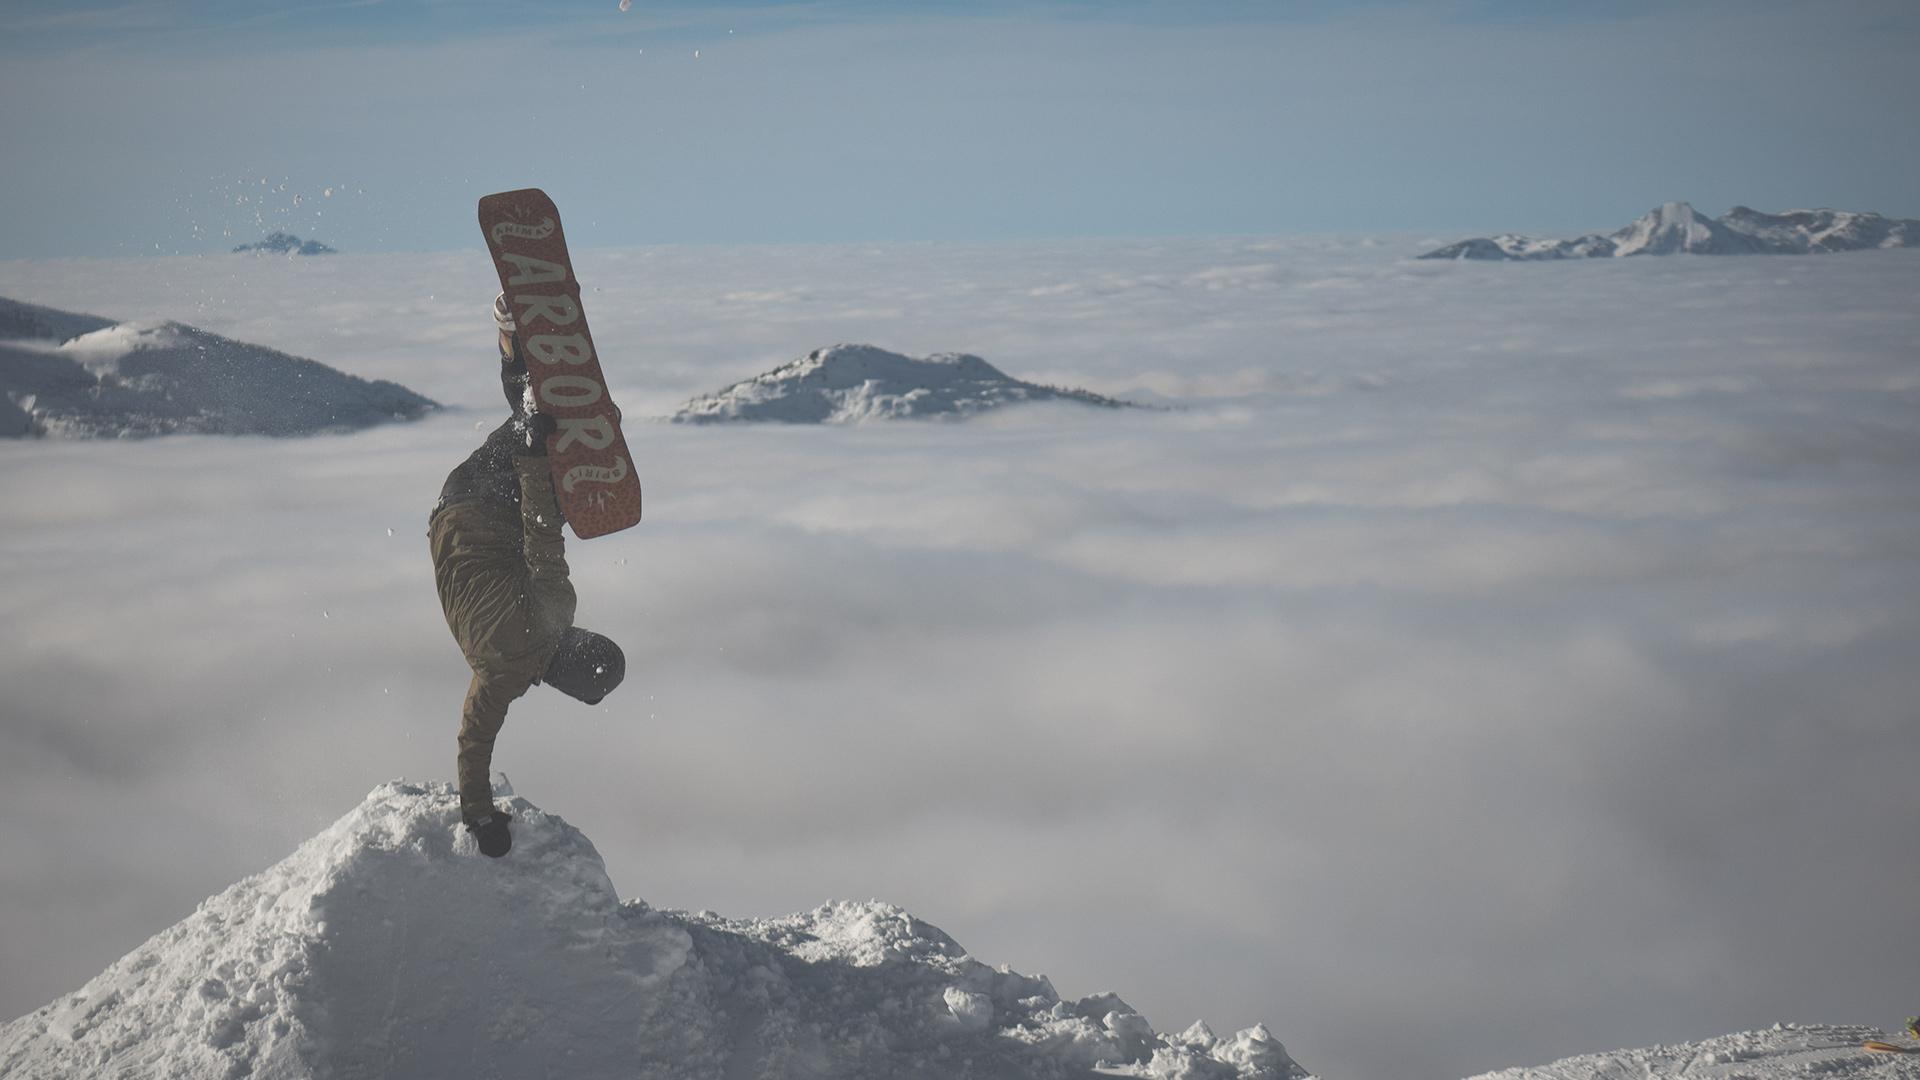 Nicht am Dachstein, sondern an der Steinplatte: Handplant über den Wolken | © Mark Deubzer